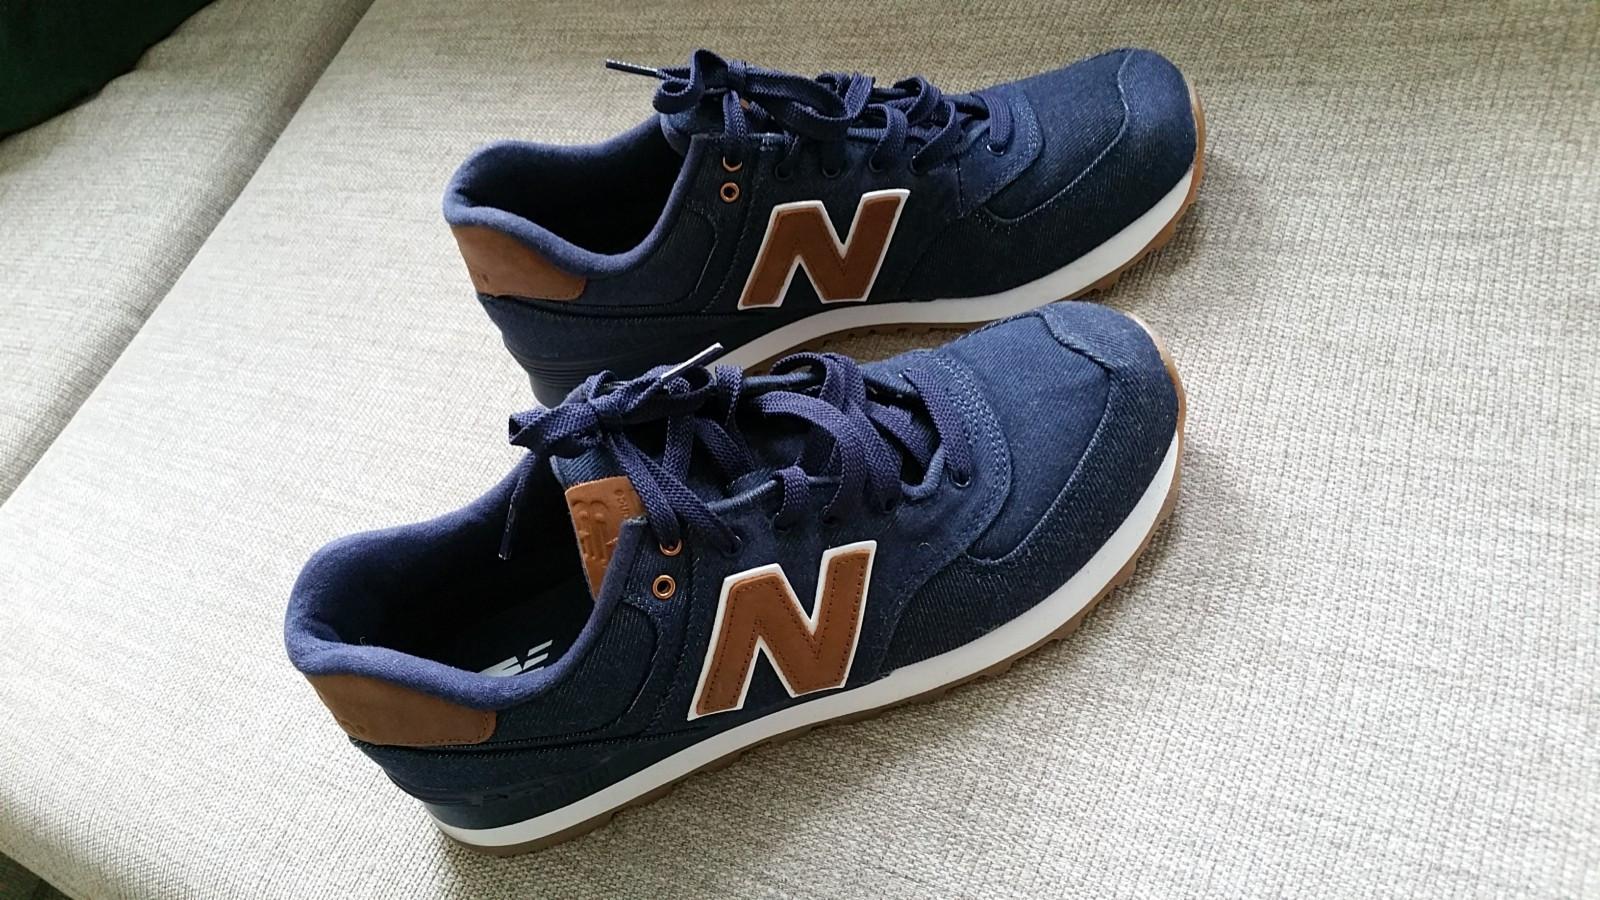 New Balance sko - Trondheim  - Ubrukte New Balance sko selges til halv pris. Størrelse 43. Kjøpt i Los Angeles. Dessverre for små til meg - Trondheim